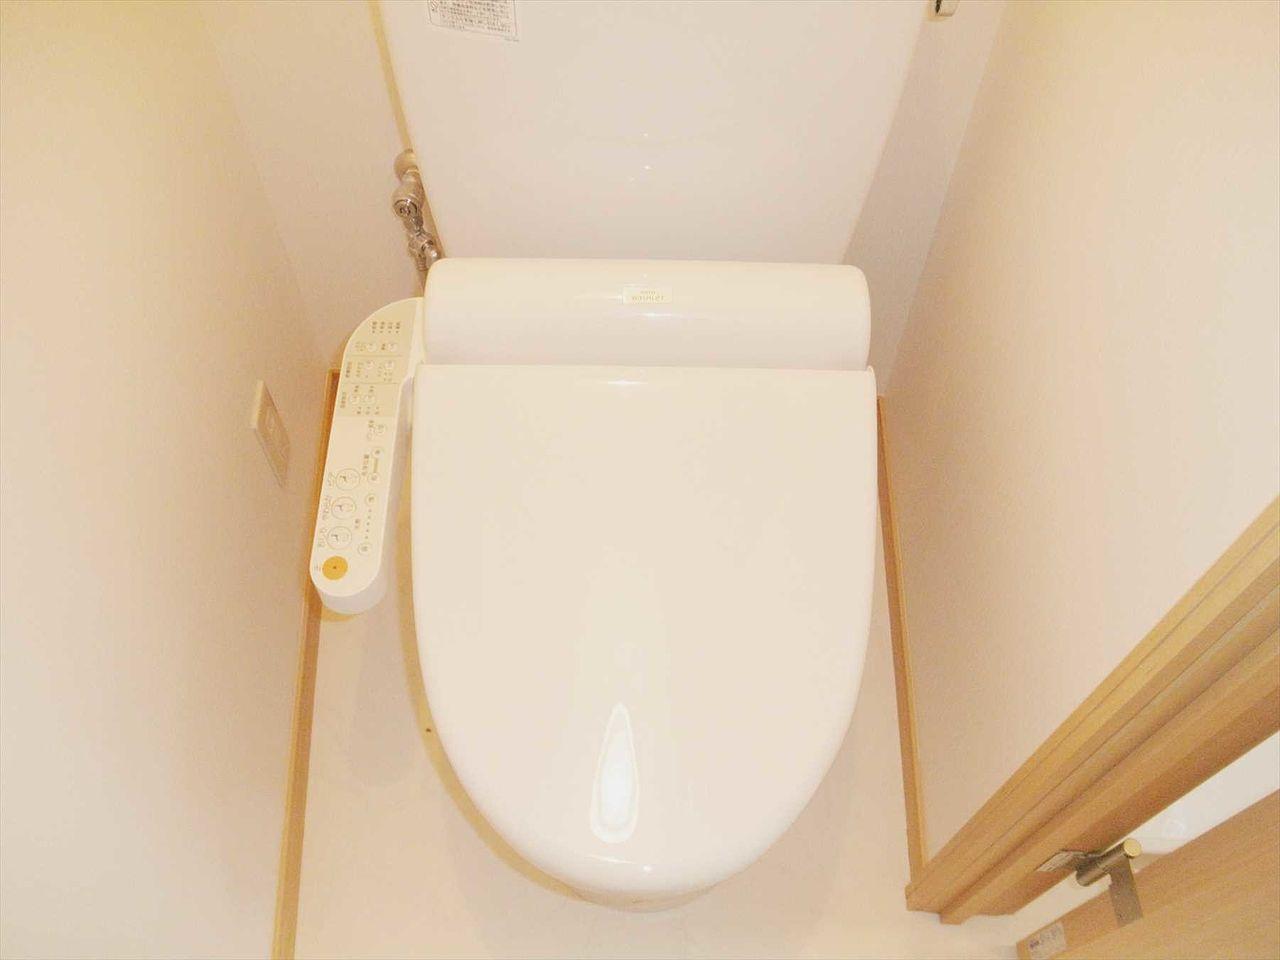 トイレ ウォシュレット設置済みです 窓があり換気できます